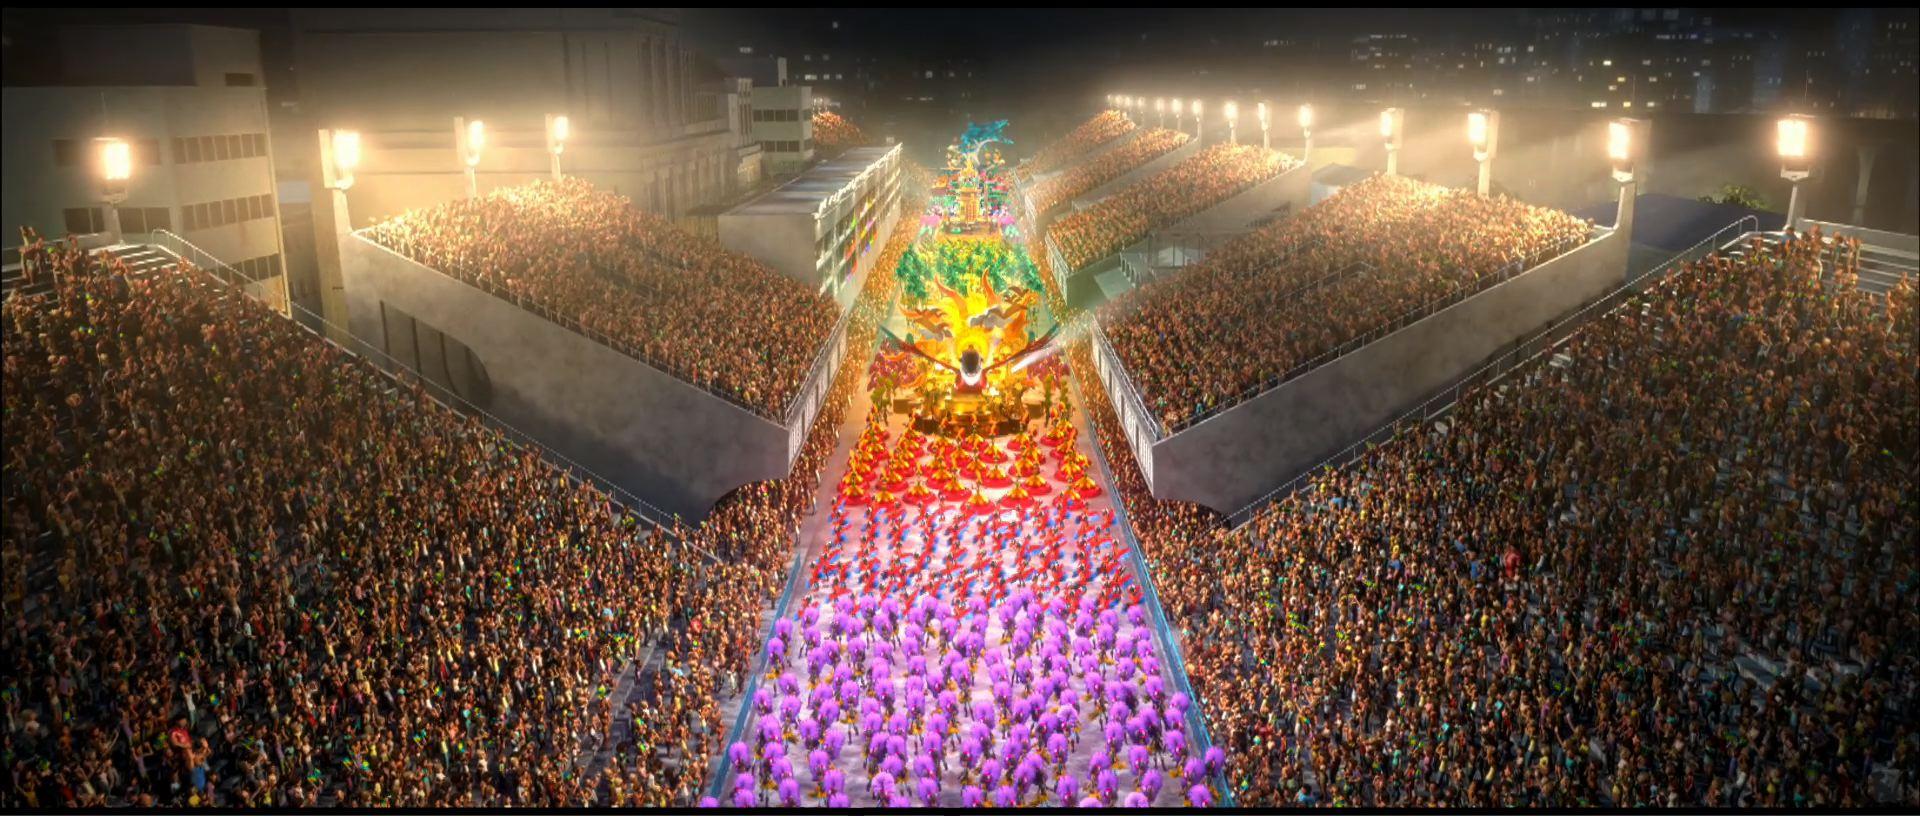 Carnival Parade in Rio de Janeiro Desktop Wallpaper 1920x816